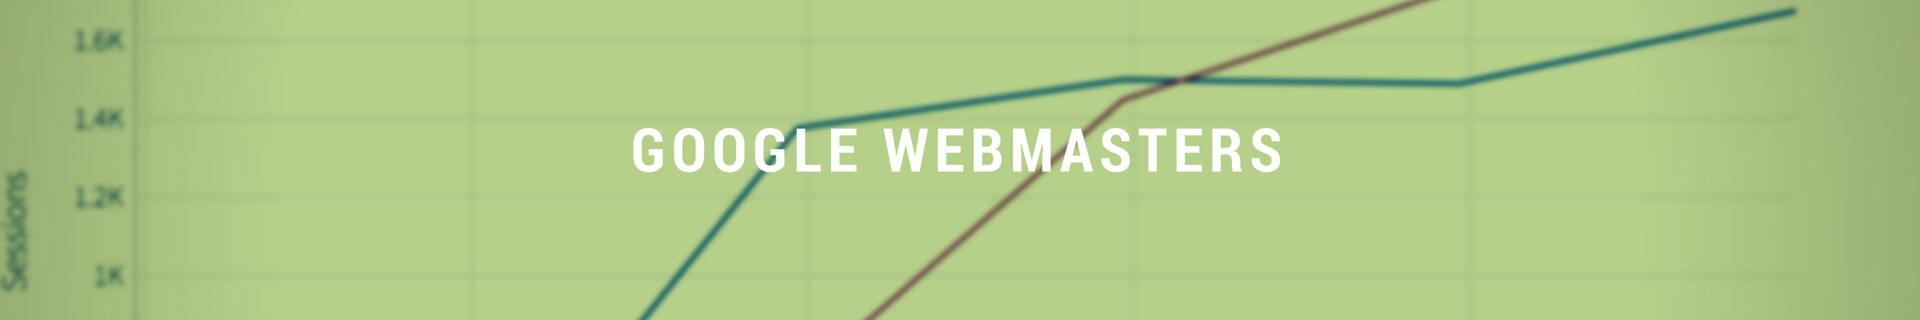 slider-google-webmasters